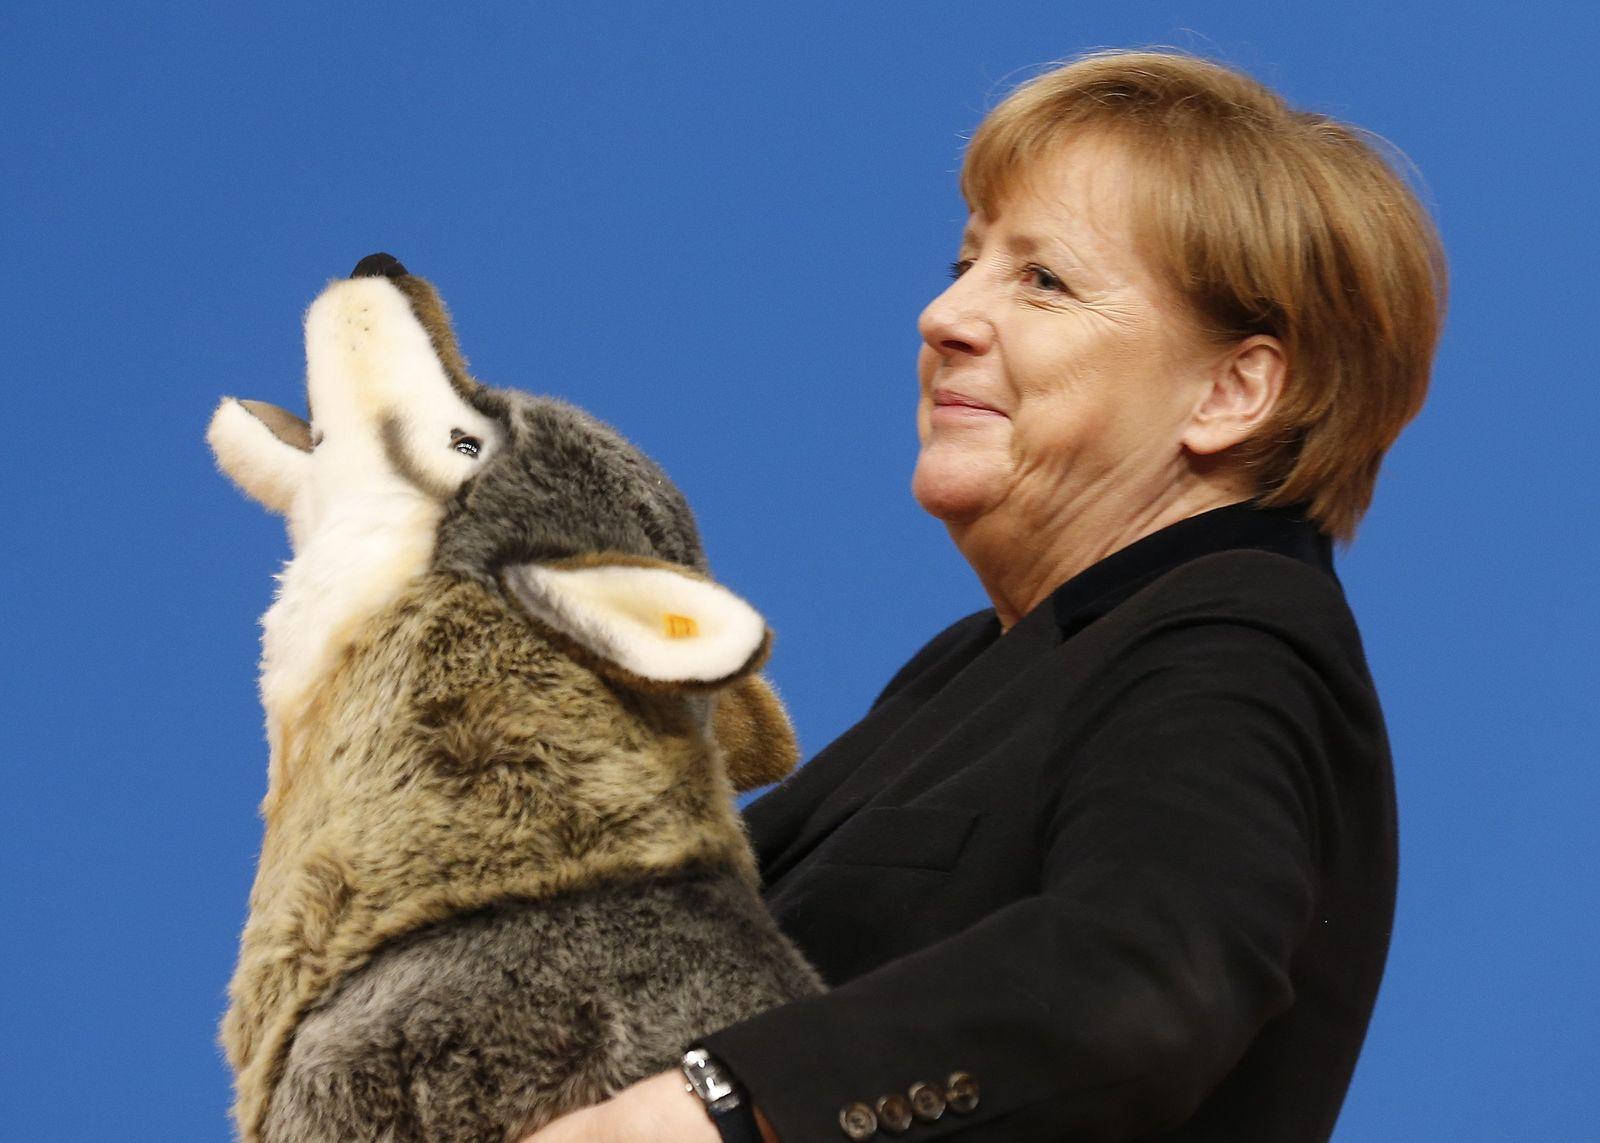 CDU-Bundesparteitag / Merkel / Plüschwolf